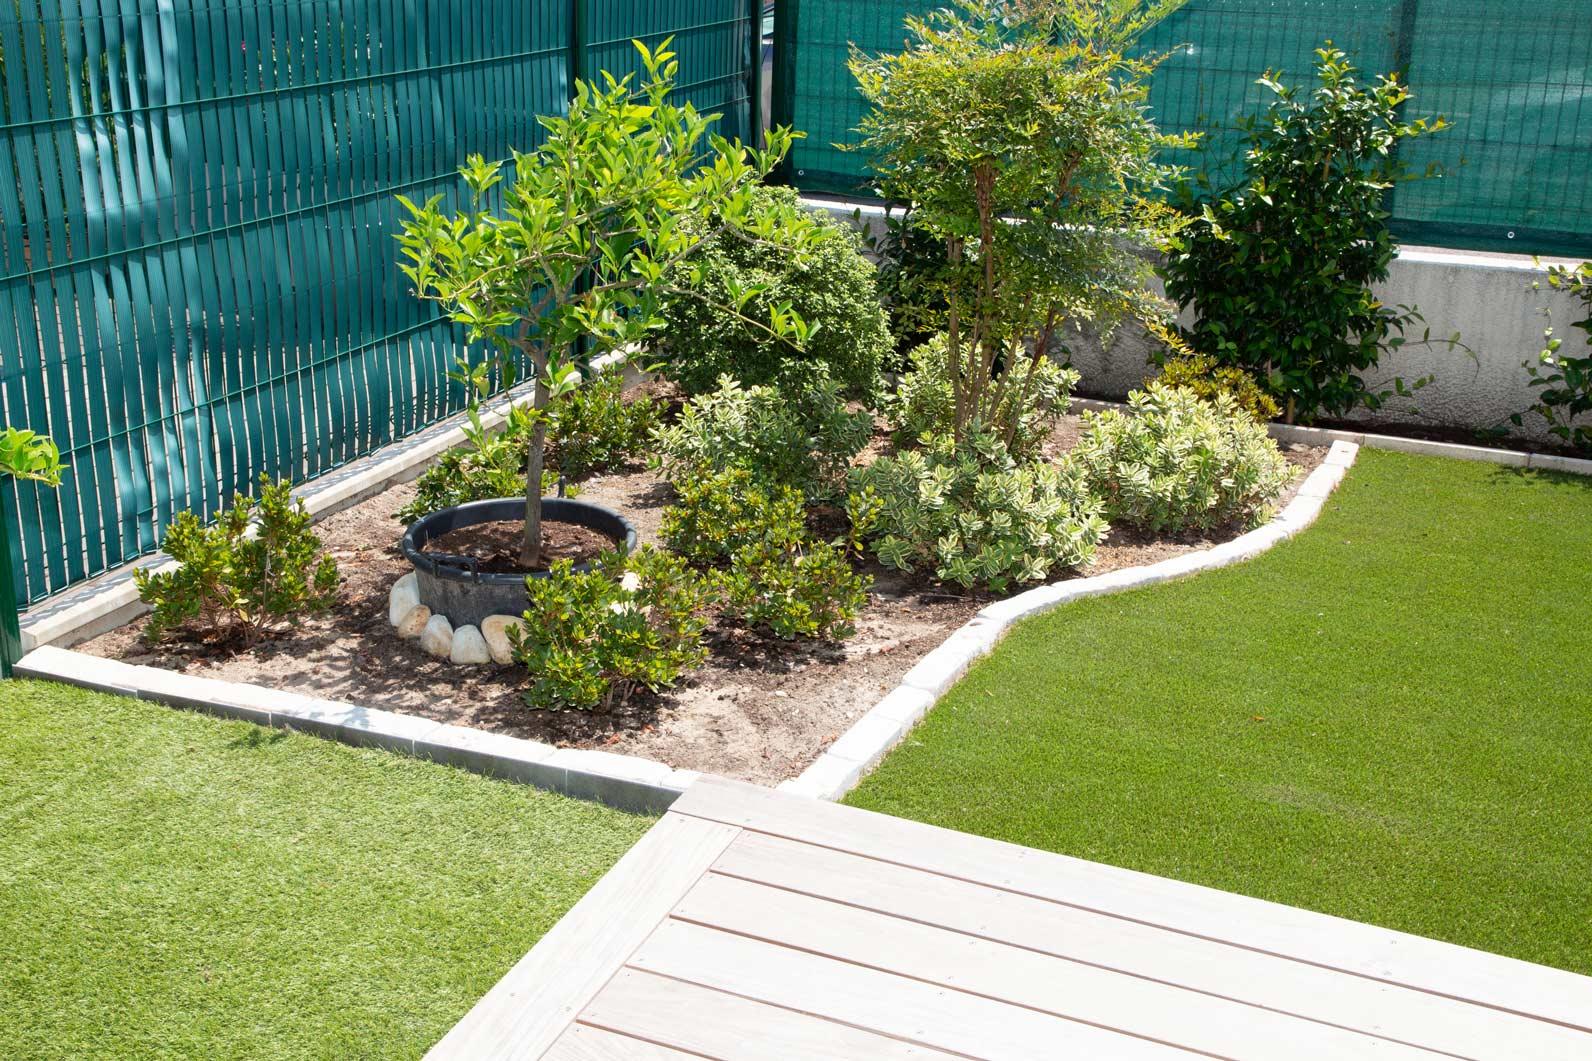 new plants mulch garden edging